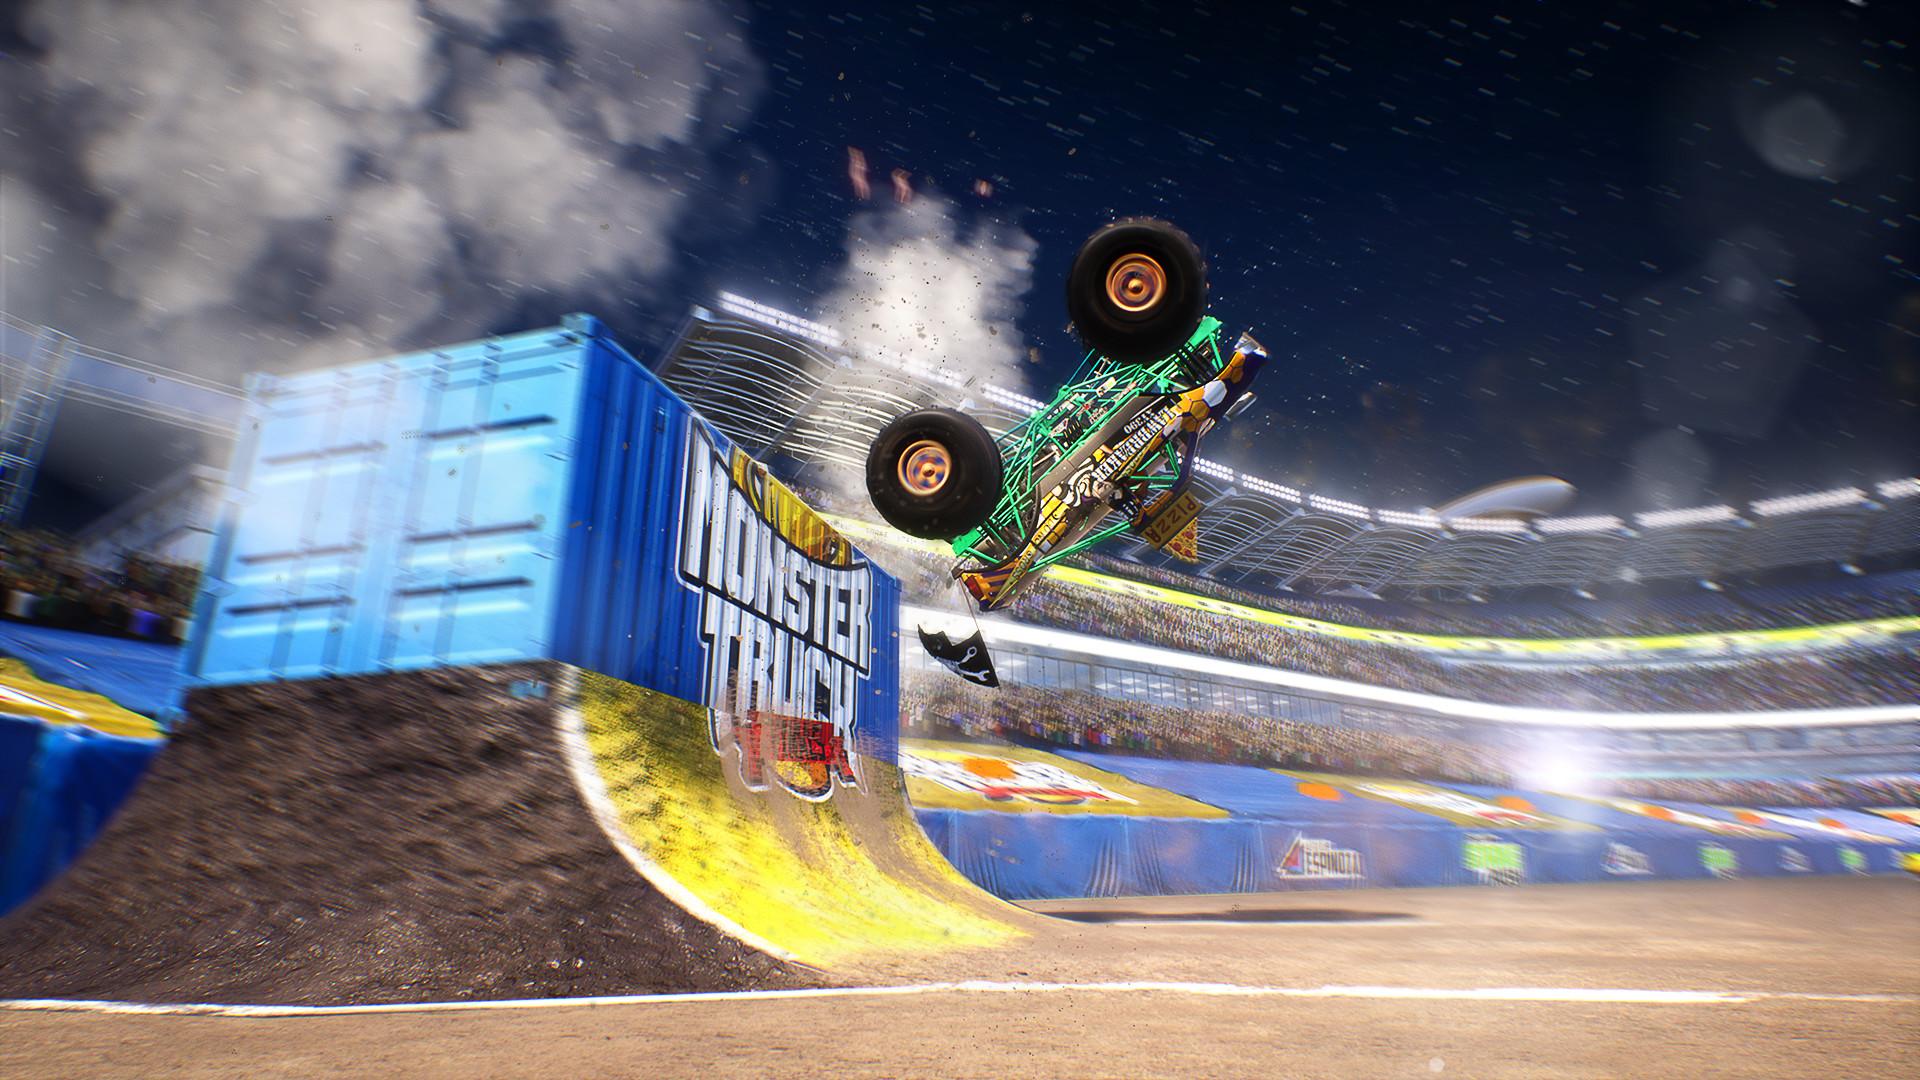 La recensione di Monster Truck Championship: e si torna bambini thumbnail